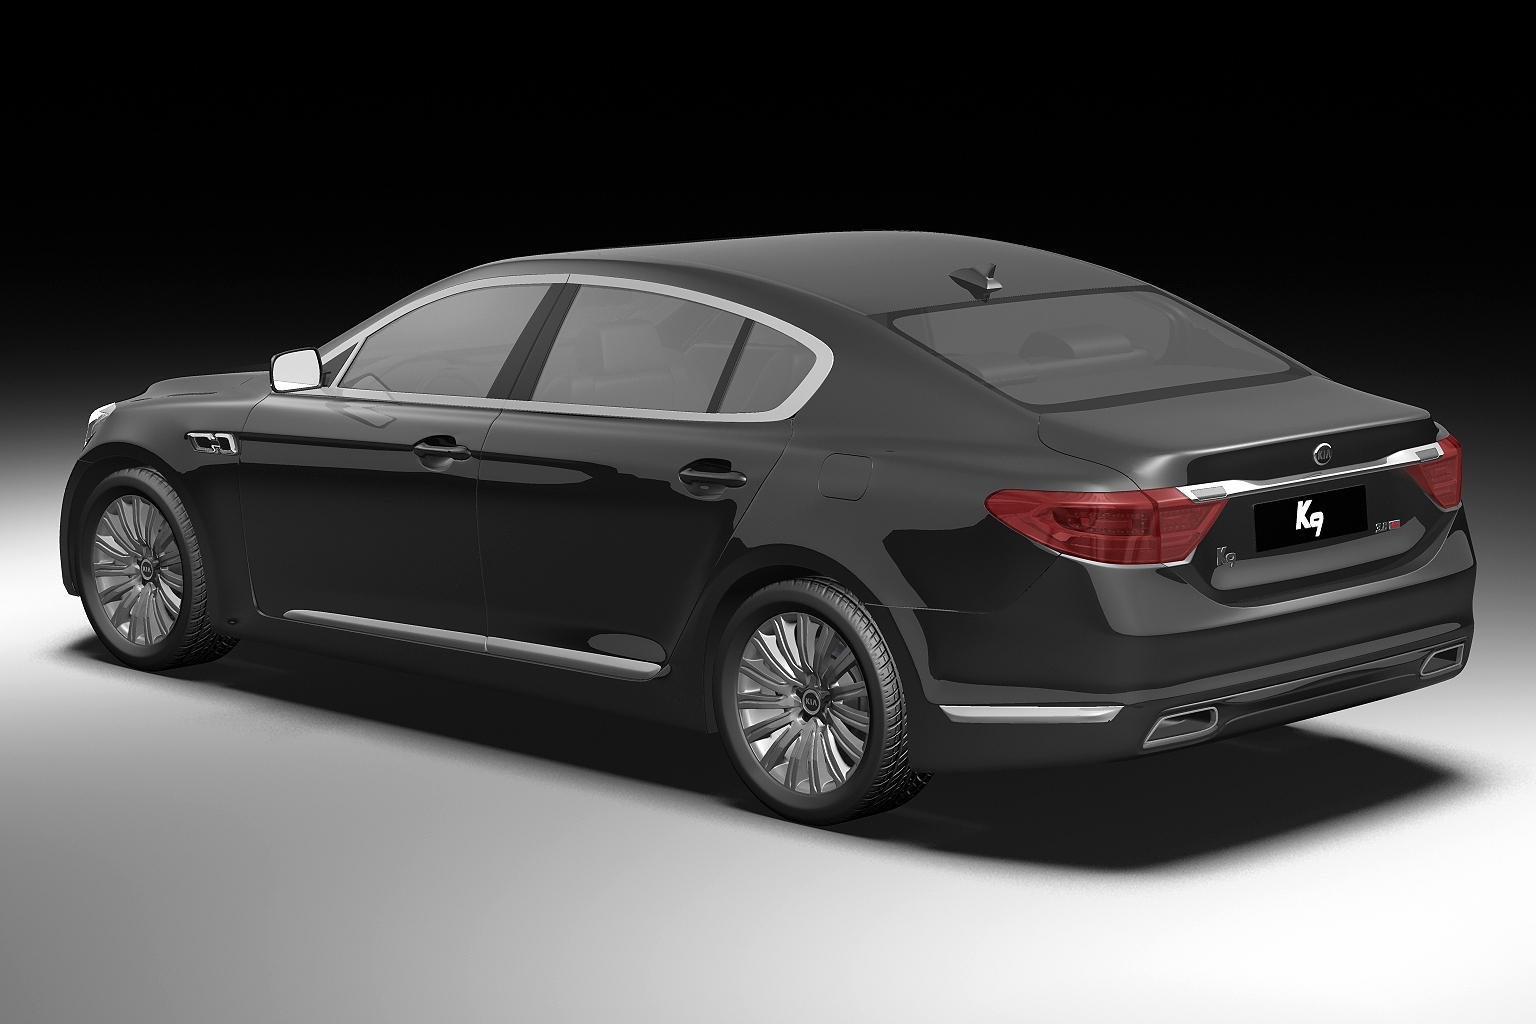 2012 kia k9 3d model 3ds max fbx c4d lwo hrc xsi obj 136300